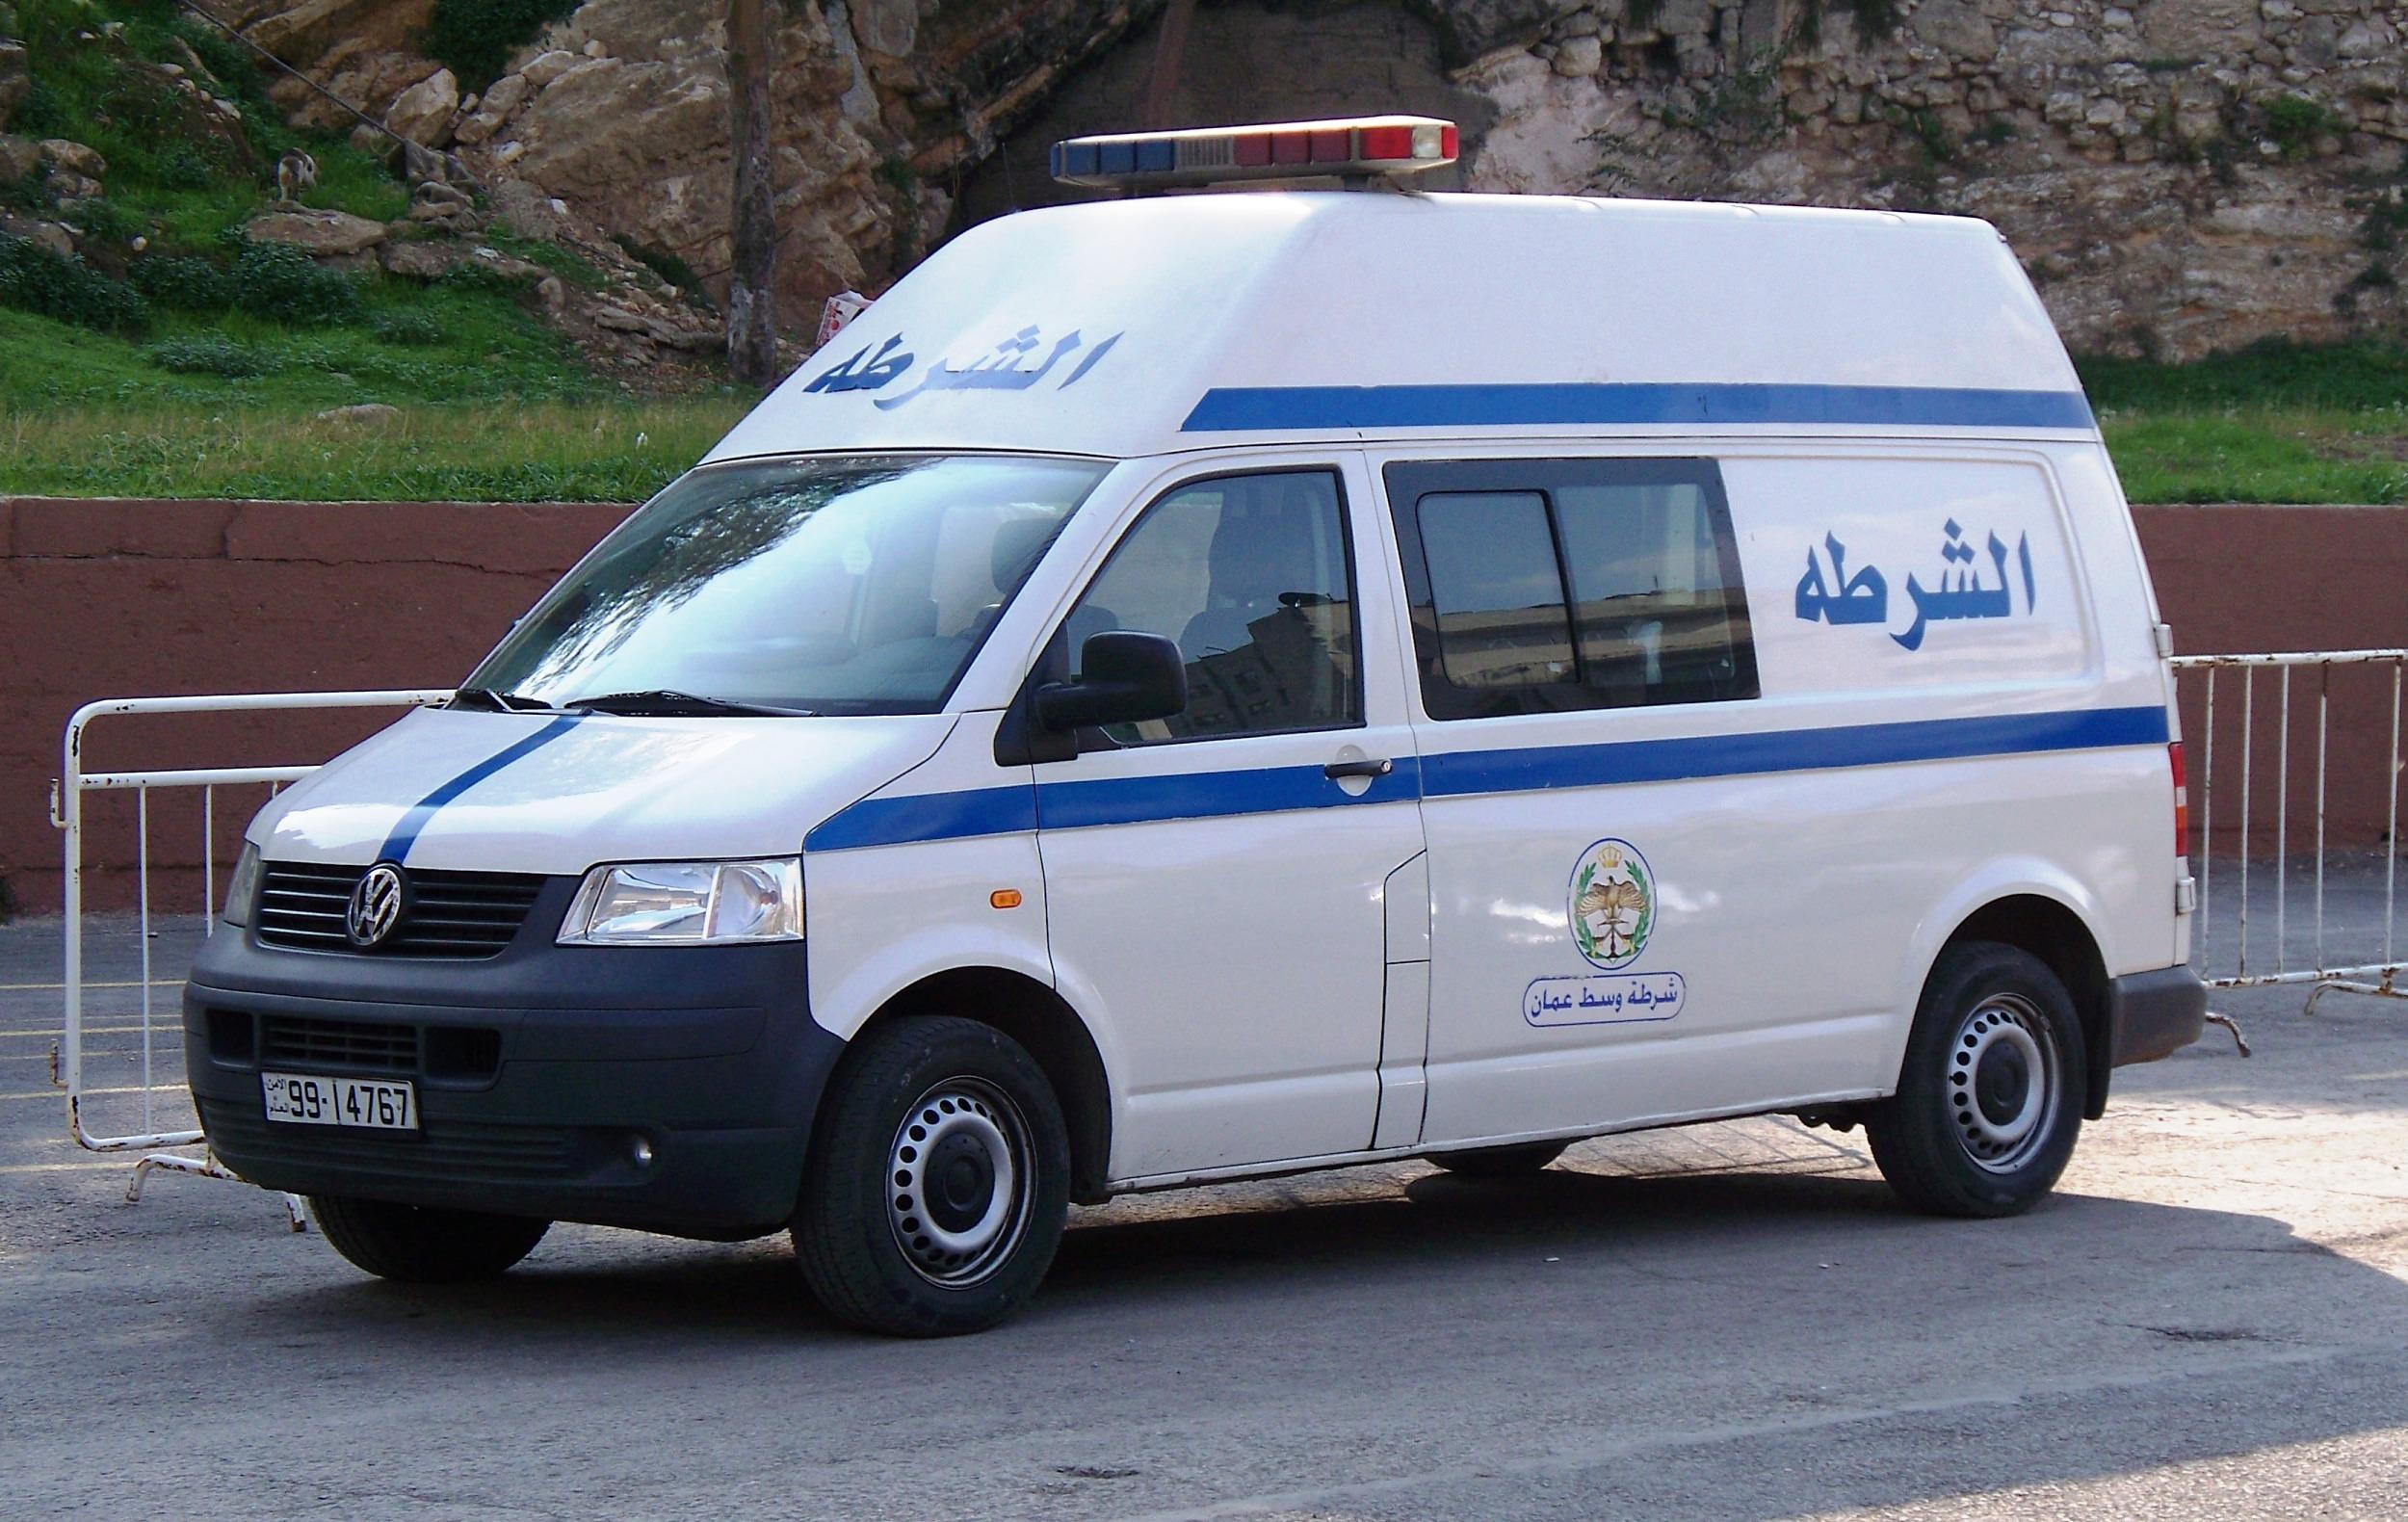 قاتل ابن عمه في اربد امس يسلم نفسه للأمن اليوم